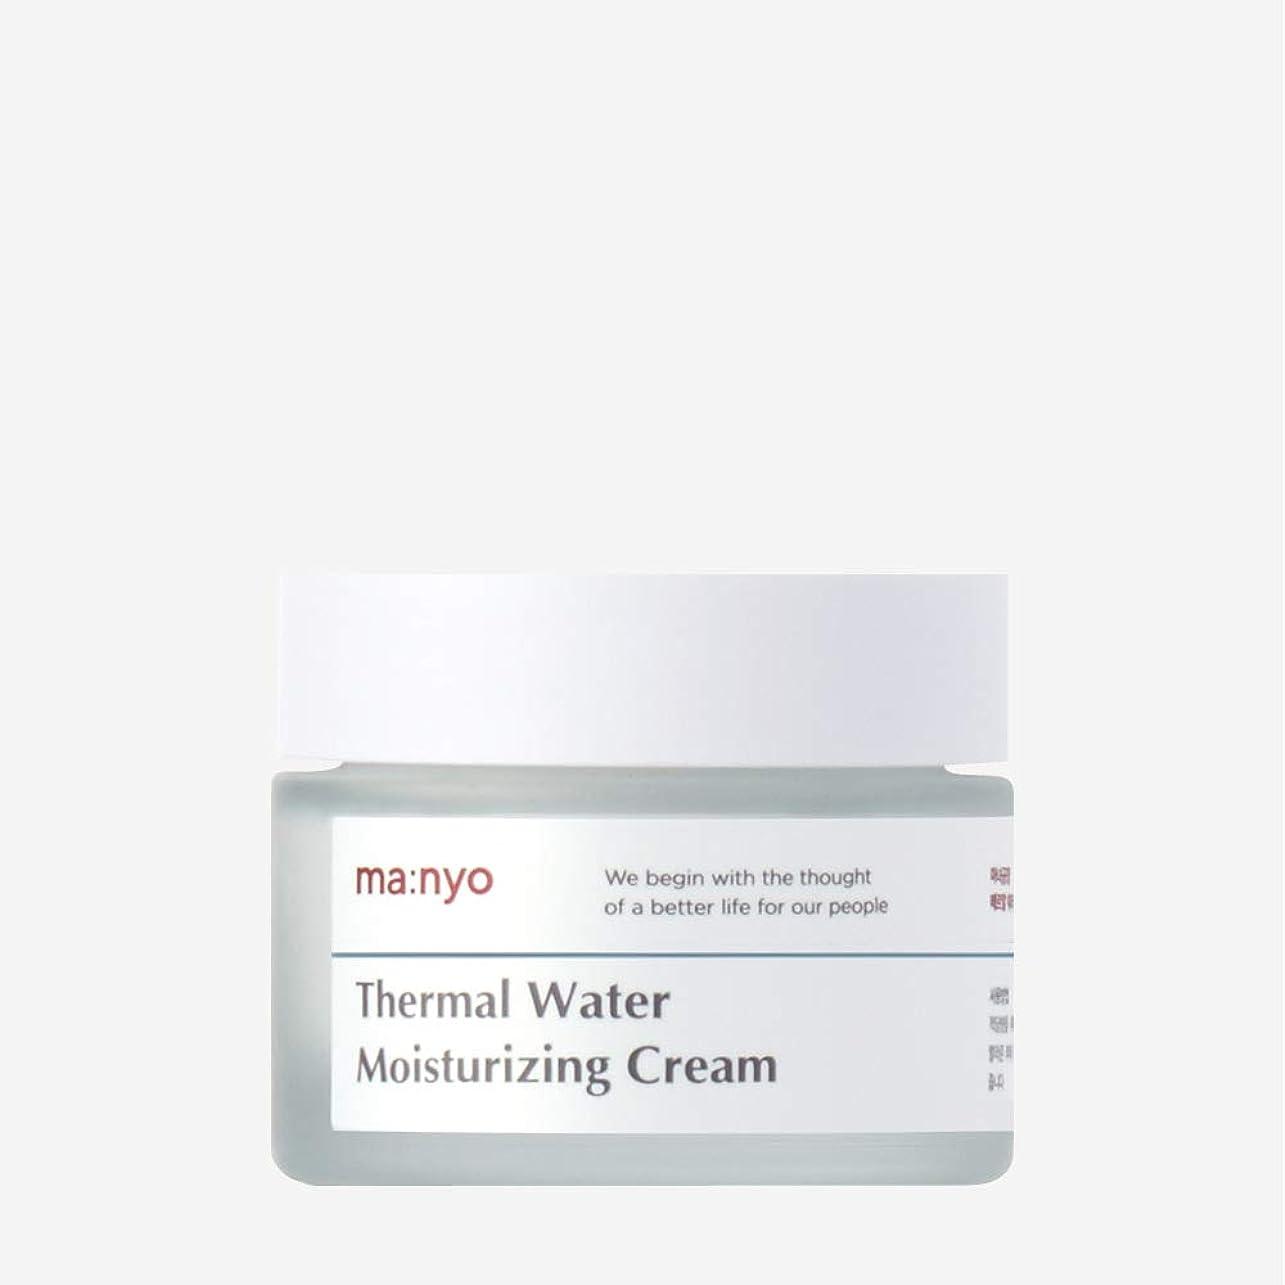 ロマンチック維持交じる魔女工場(Manyo Factory) 温泉水ミネラルクリーム 50ml / 天然ミネラル、チェコ温泉水67%で保湿補充